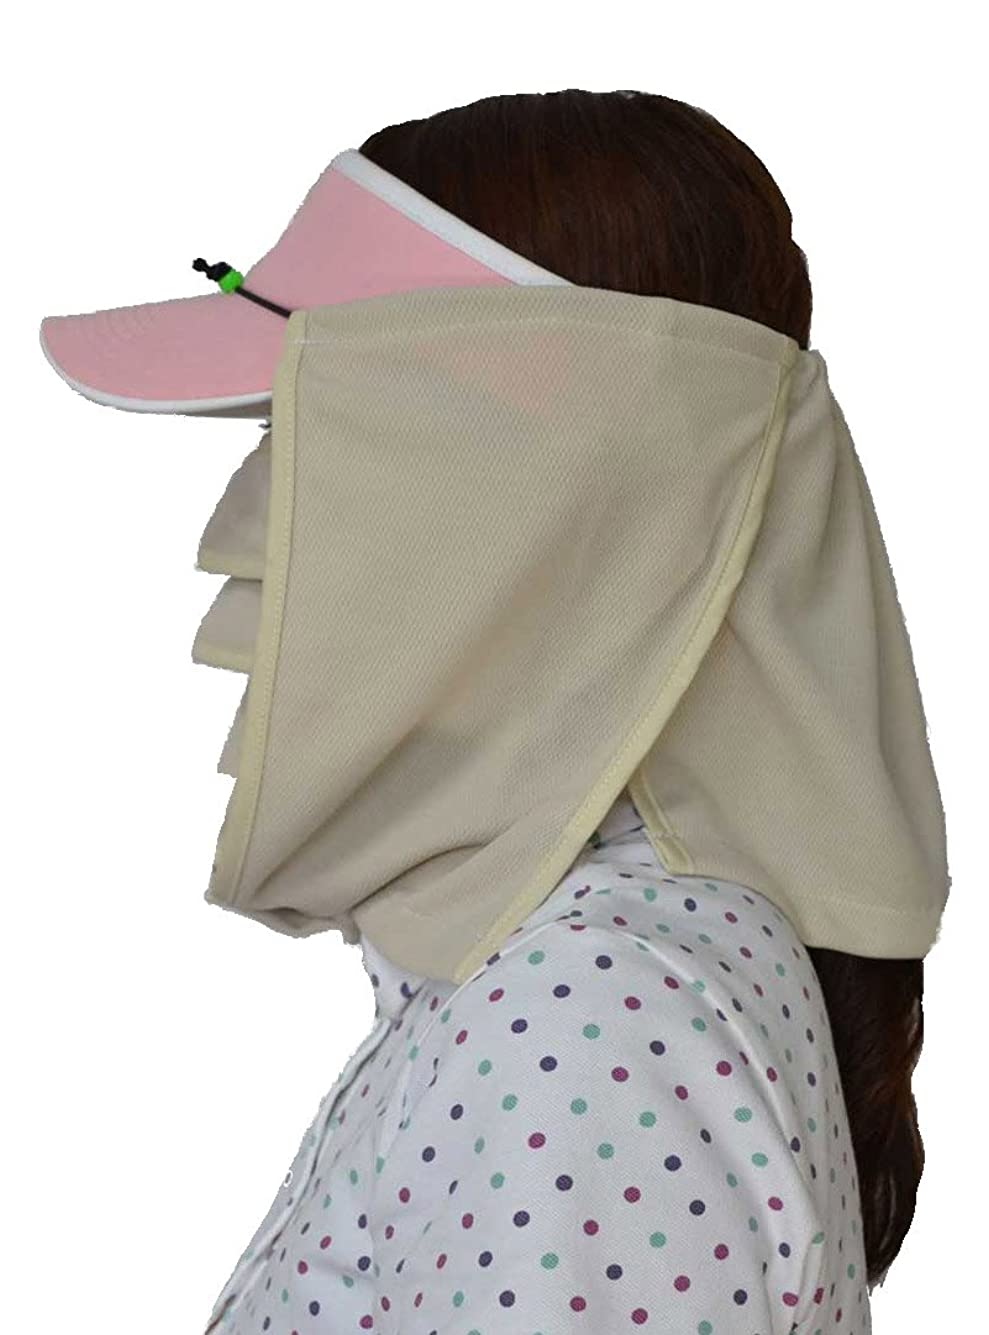 弁護士意見受け入れるUVマスク?マモルーノ?とUV帽子カバー?スズシーノ?のセット(ベージュ)【太陽からの直射光や照り返し.散乱光の紫外線対策や熱射病、熱中症対策に最適の組合せです.】